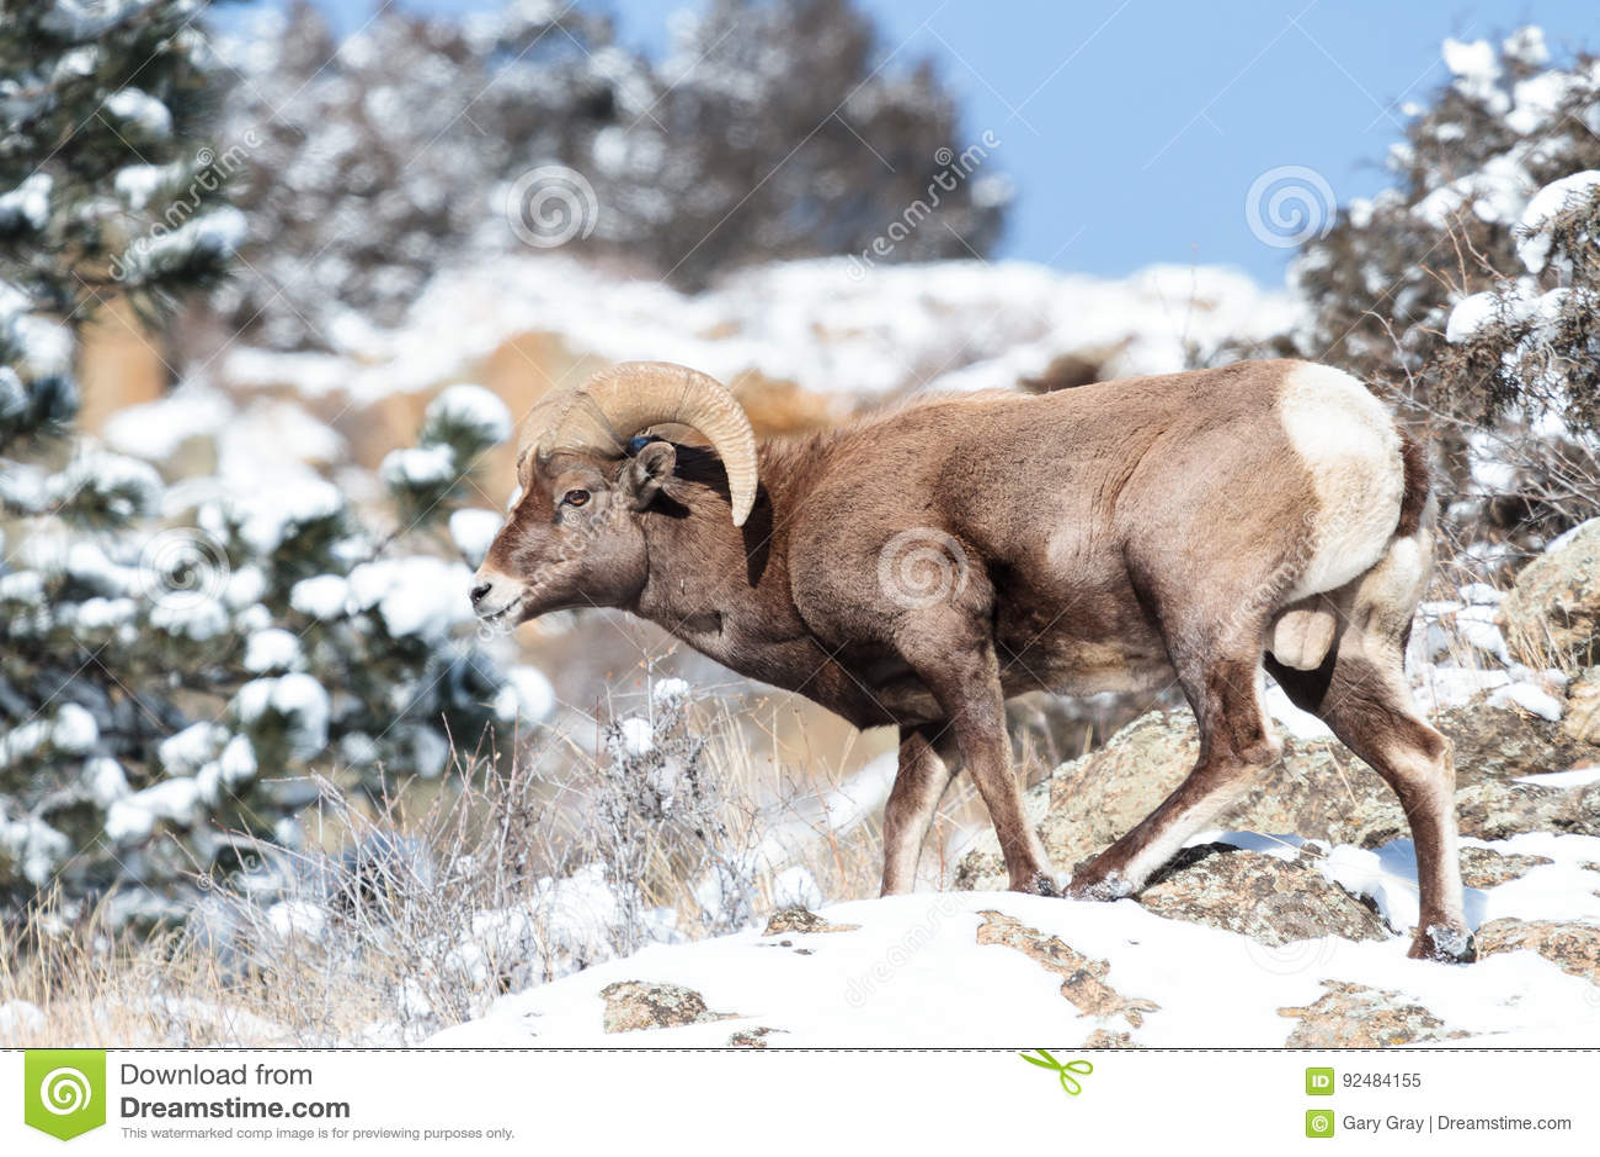 Colorado Rocky Mountain Bighorn Sheep